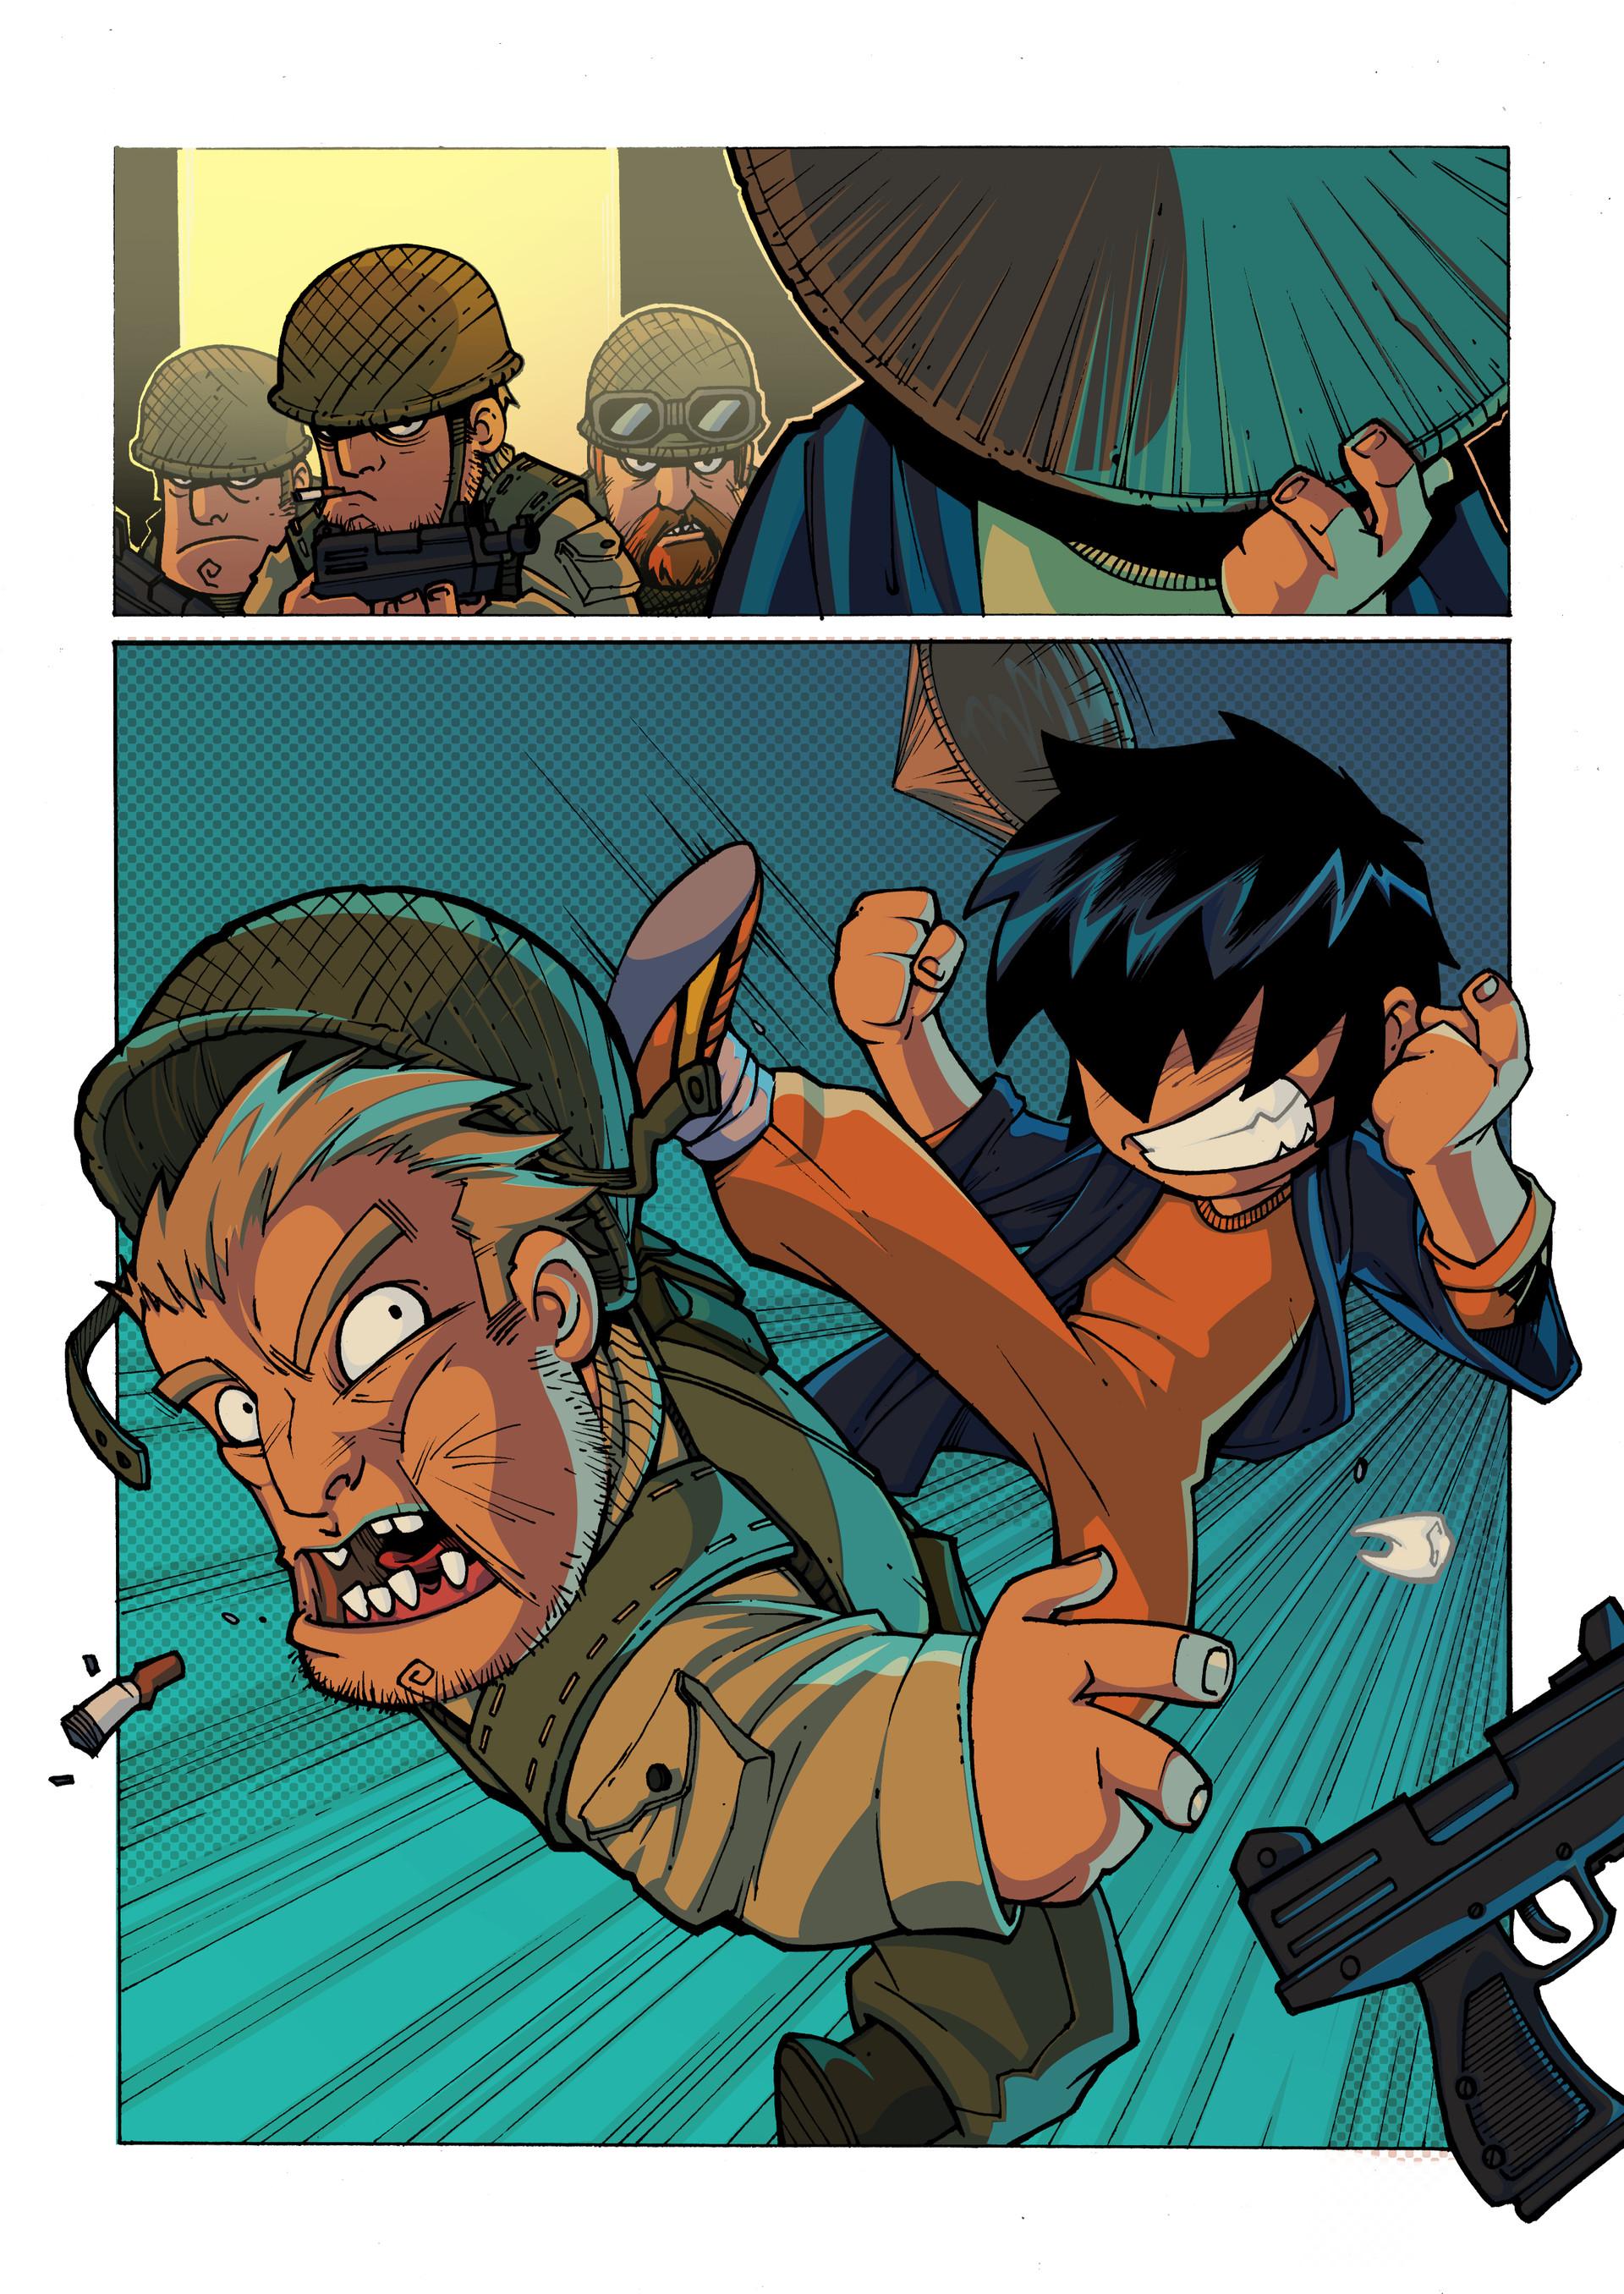 Damian grx pagina 03 bruce